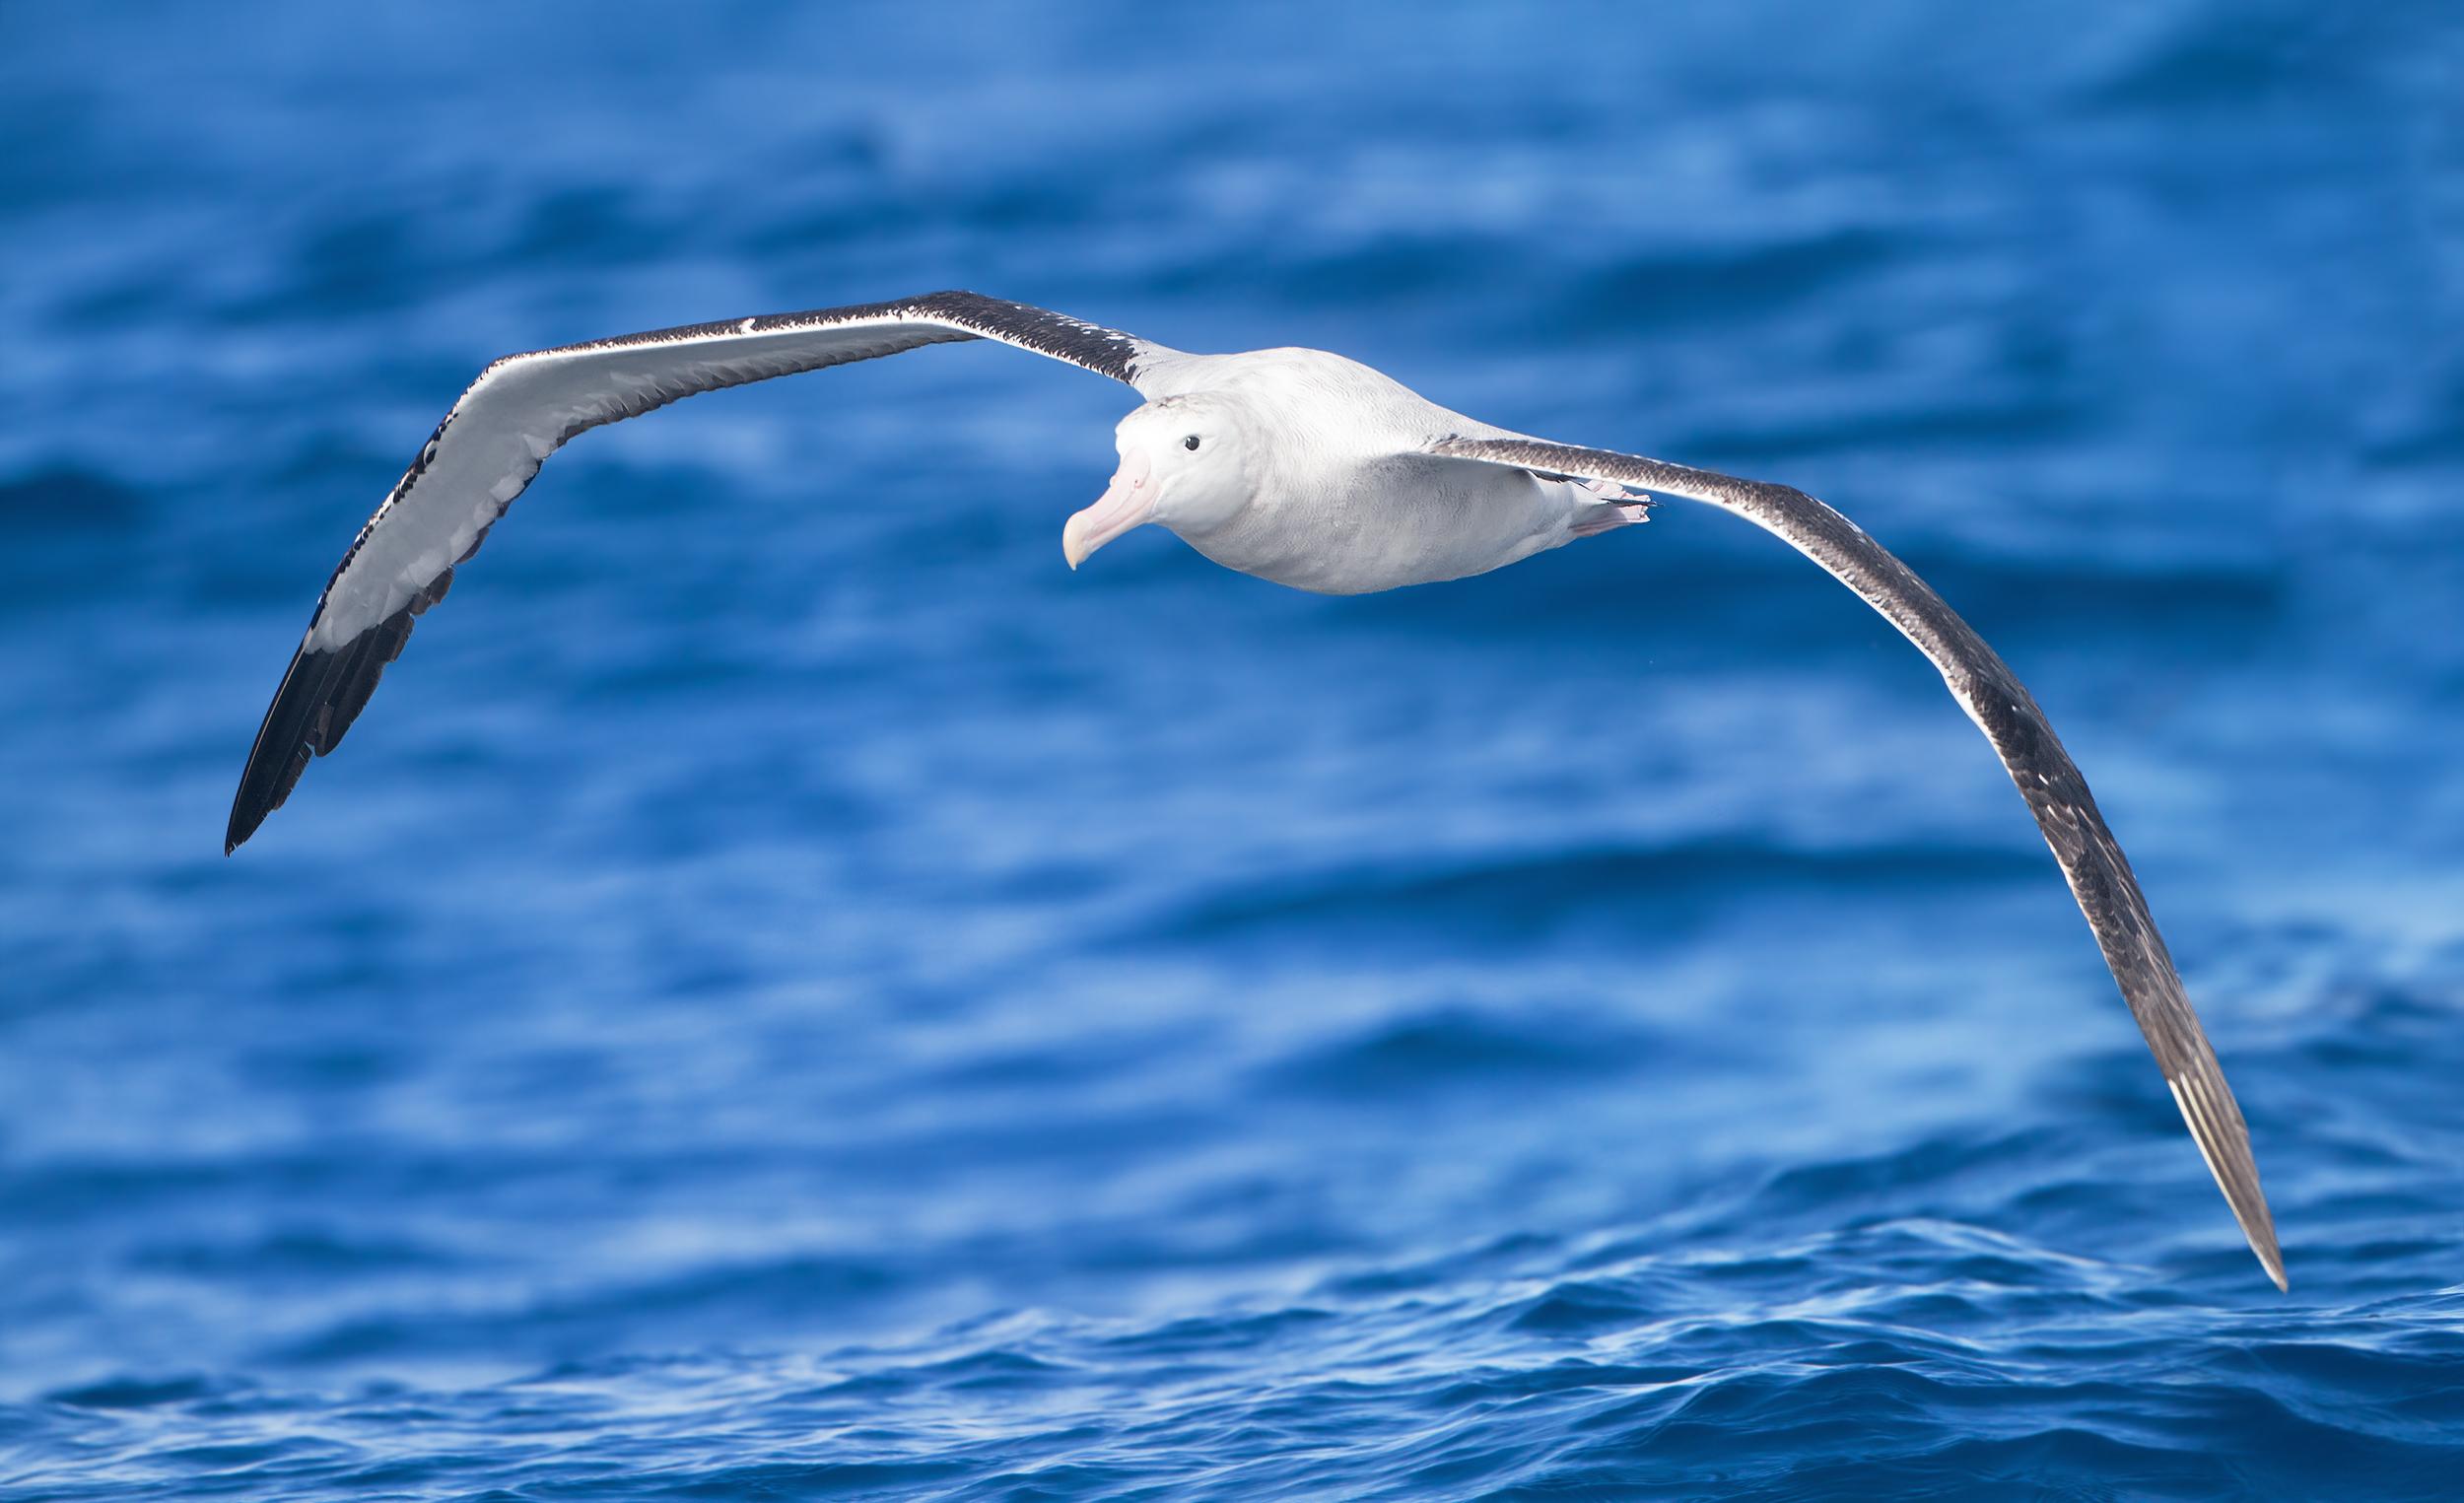 Albatross High Definition Wallpapers